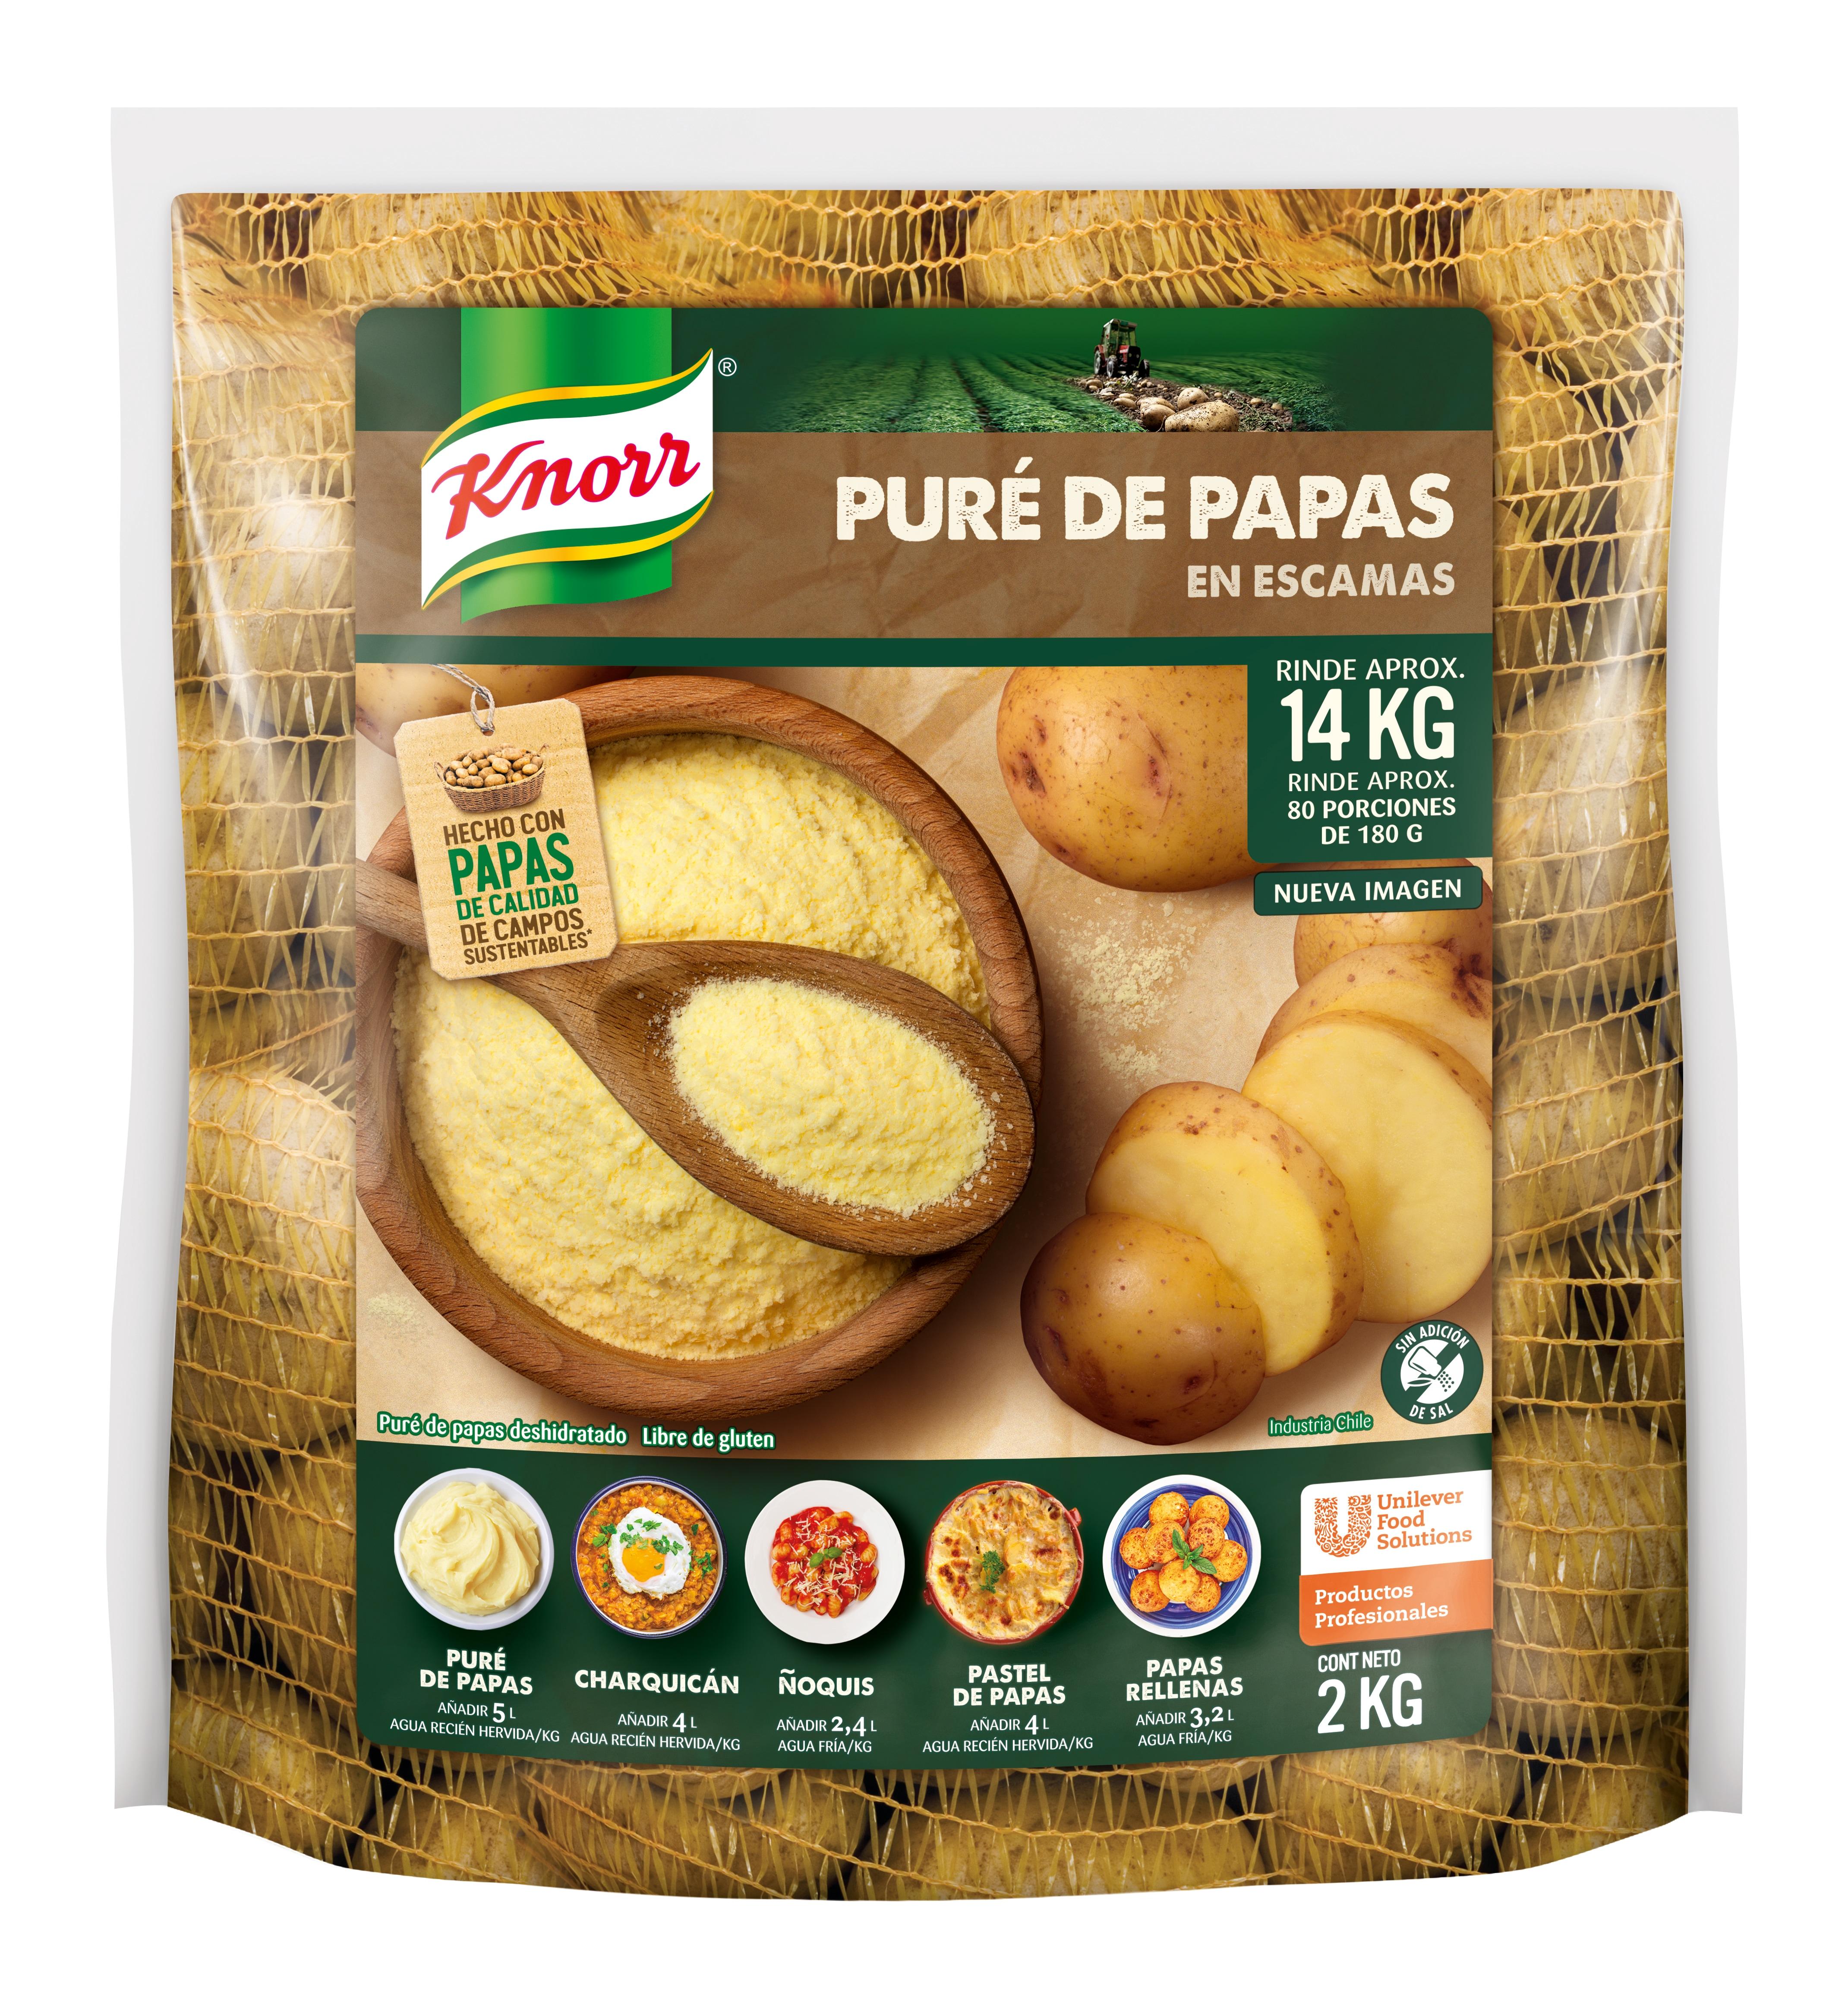 Pure de papas Knorr 2KG - Puré de Papas Instantáneo Knorr: escamas de papas seleccionadas para que coincidan con tu toque de chef